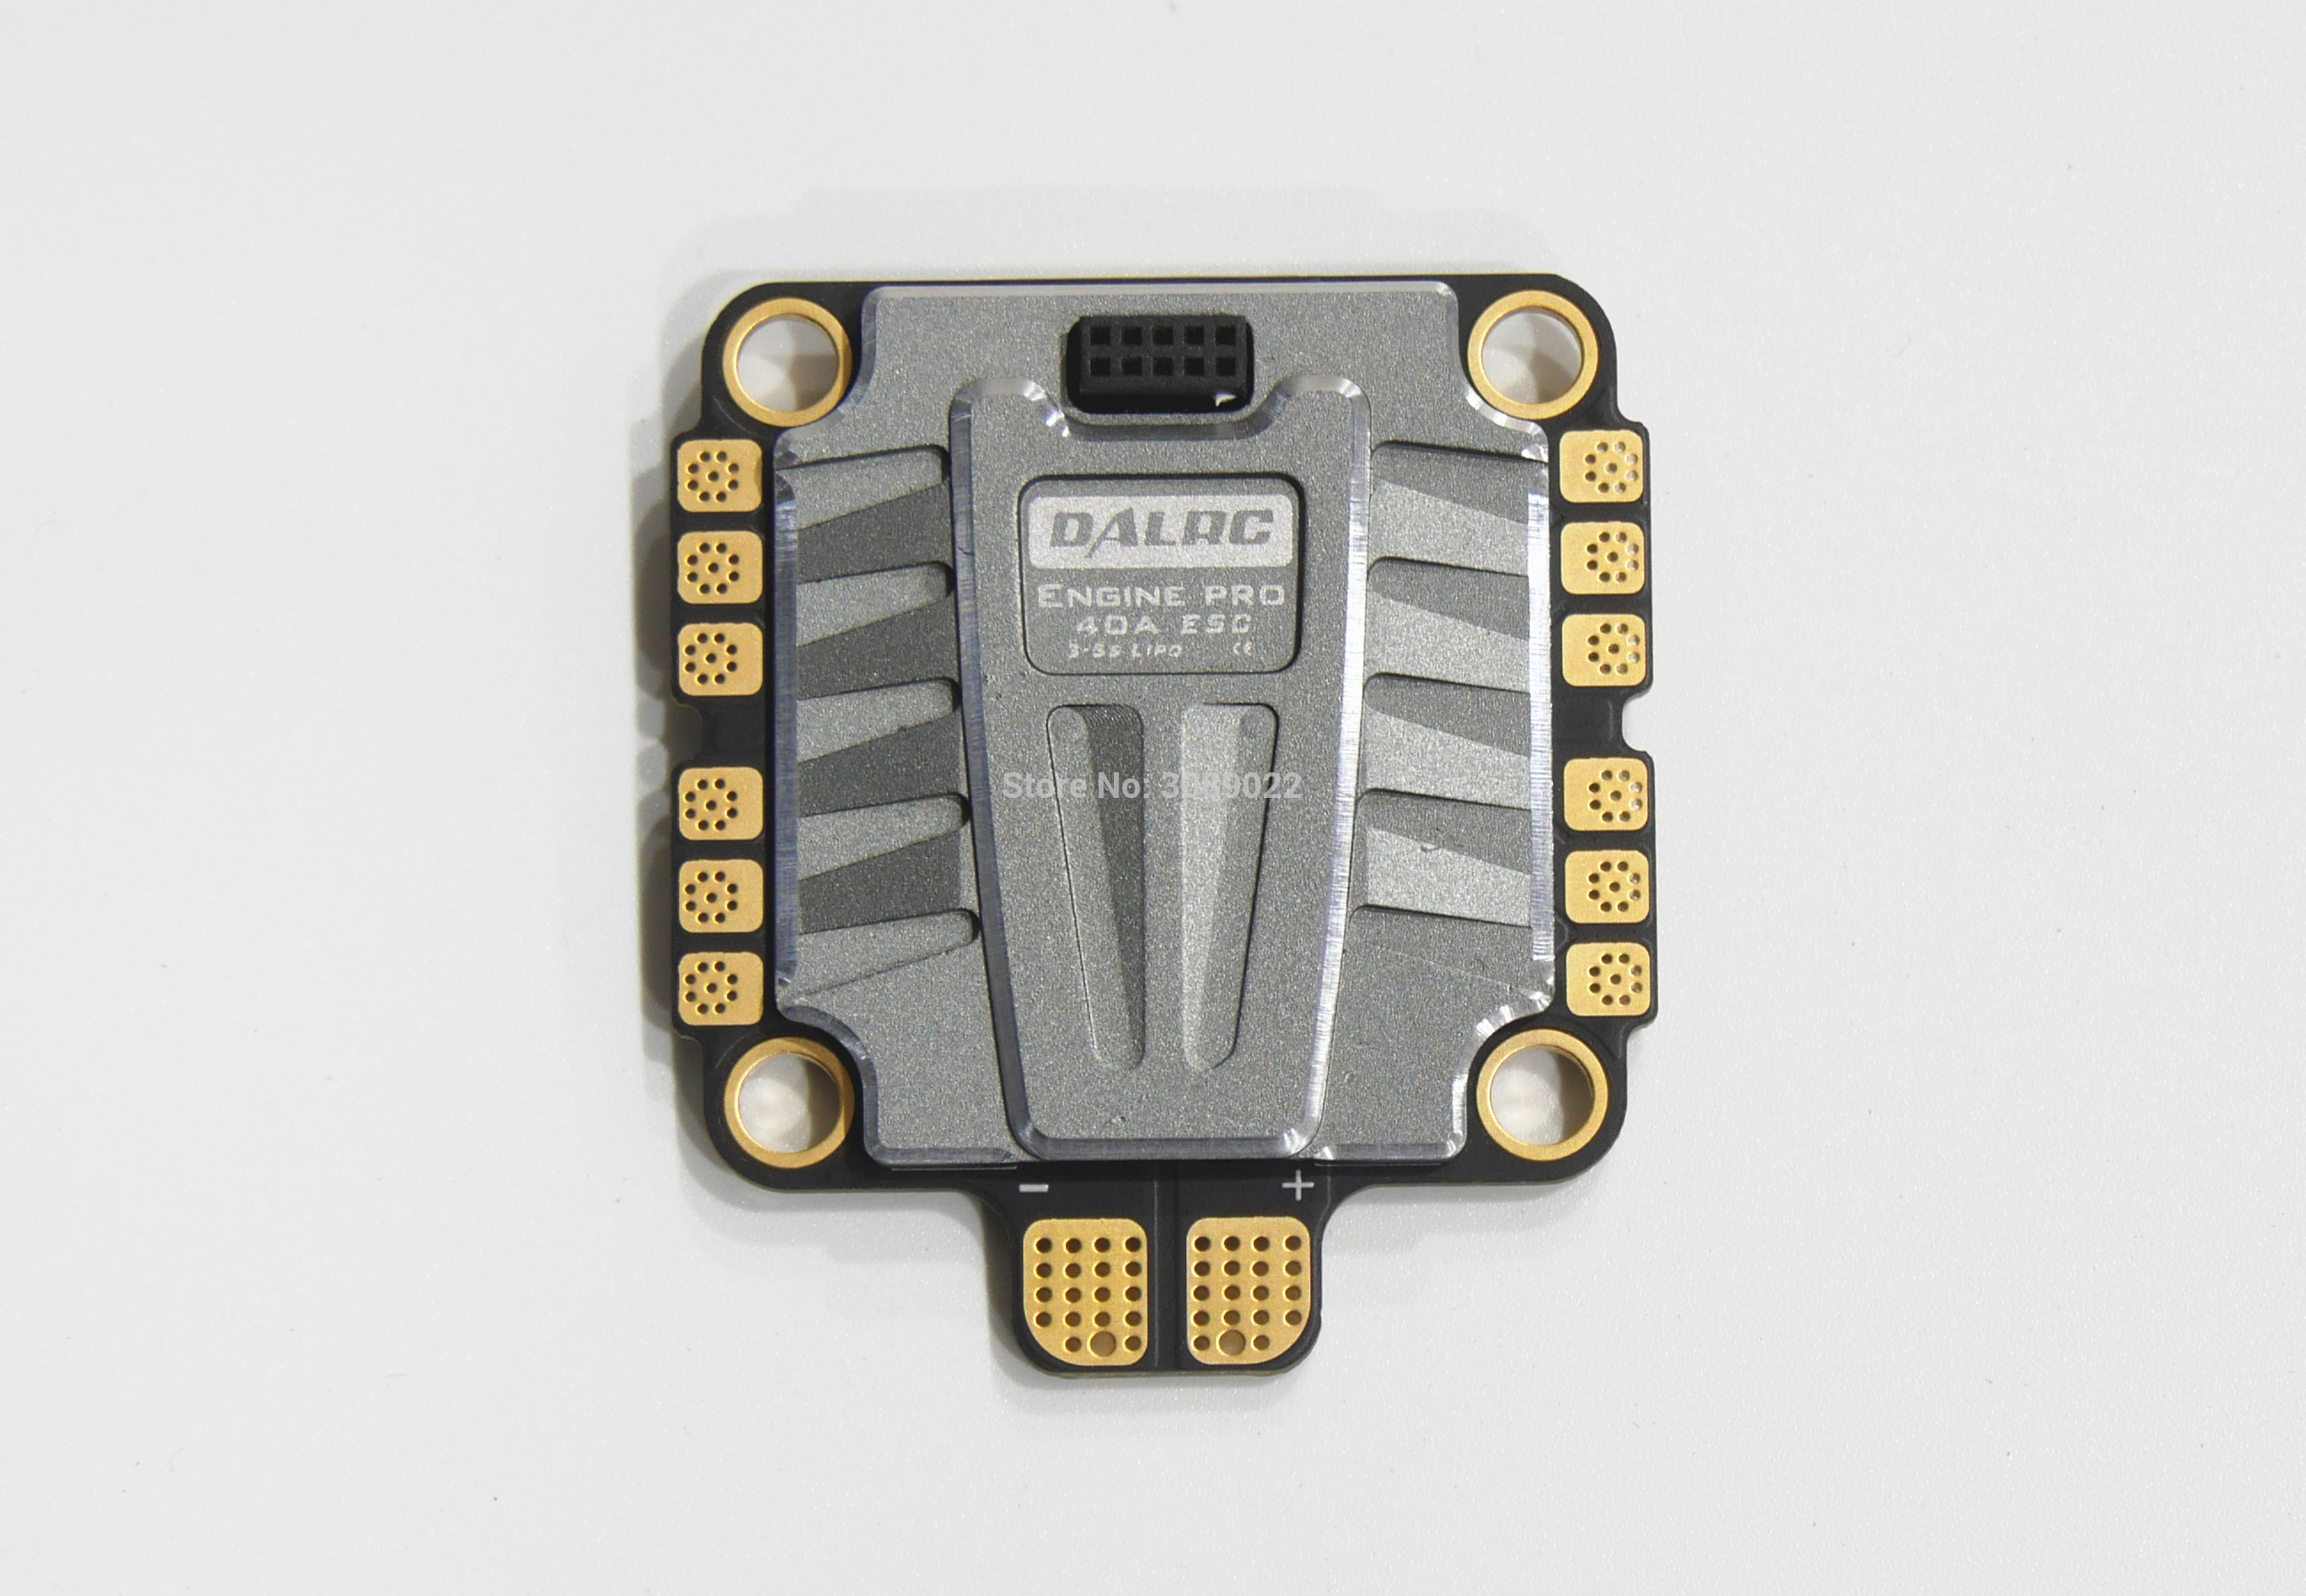 DALRC ENGINE PRO 40A 4IN1 ESC 3-5 S Blheli_32 4 en 1 ESC Brushless DSHOT1200 prêt avec 5 V BEC mise à jour Version 40A pour Drone de course